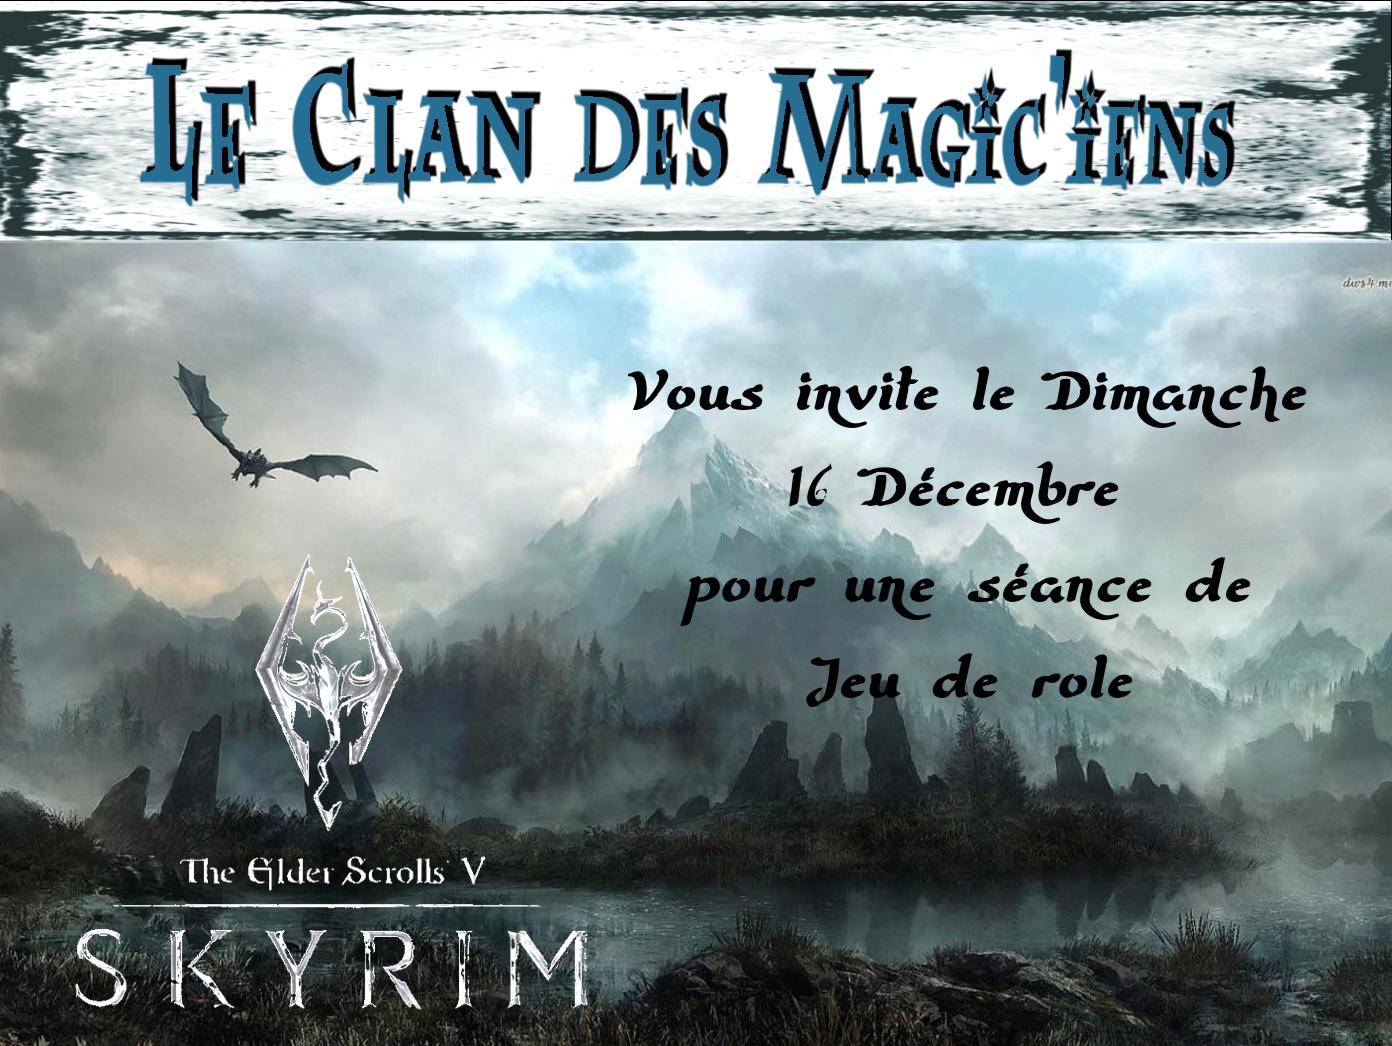 Dimanche 16 Décmbre : Jeu de rôle (Skyrim) à partir de 14h LODJY